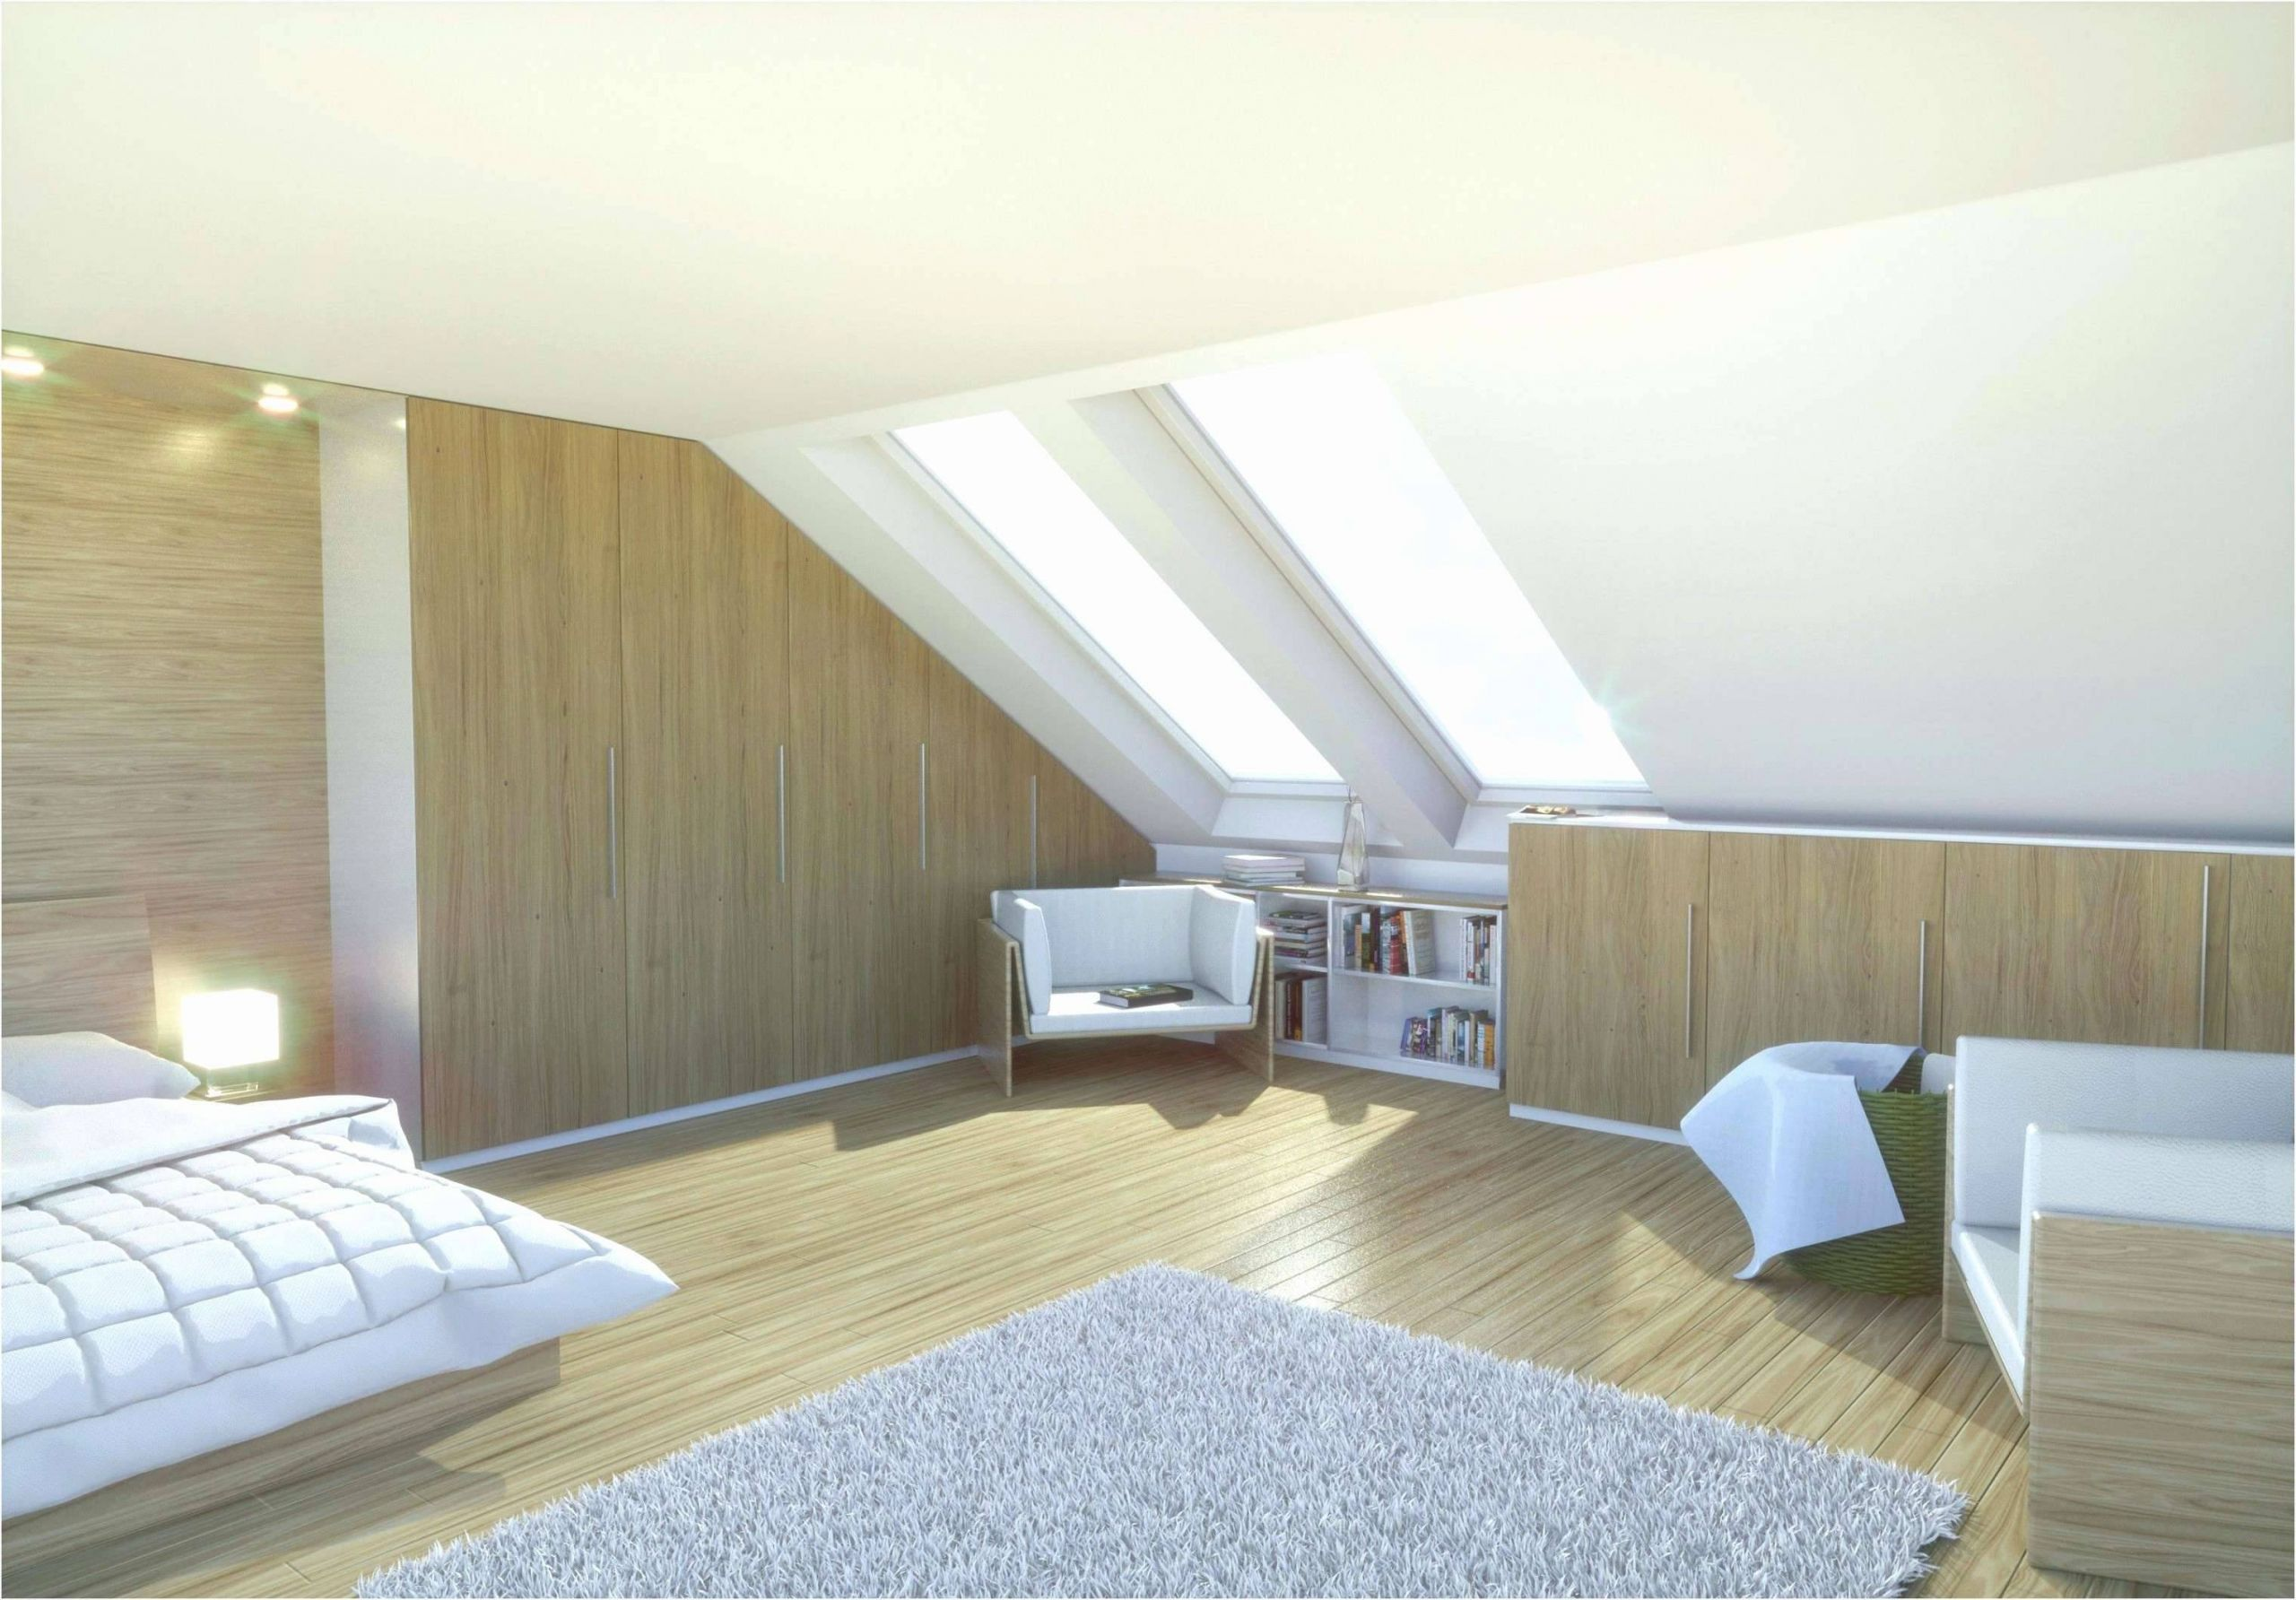 deko fur tisch wohnzimmer frisch 33 einzigartig deko ideen selber machen garten of deko fur tisch wohnzimmer